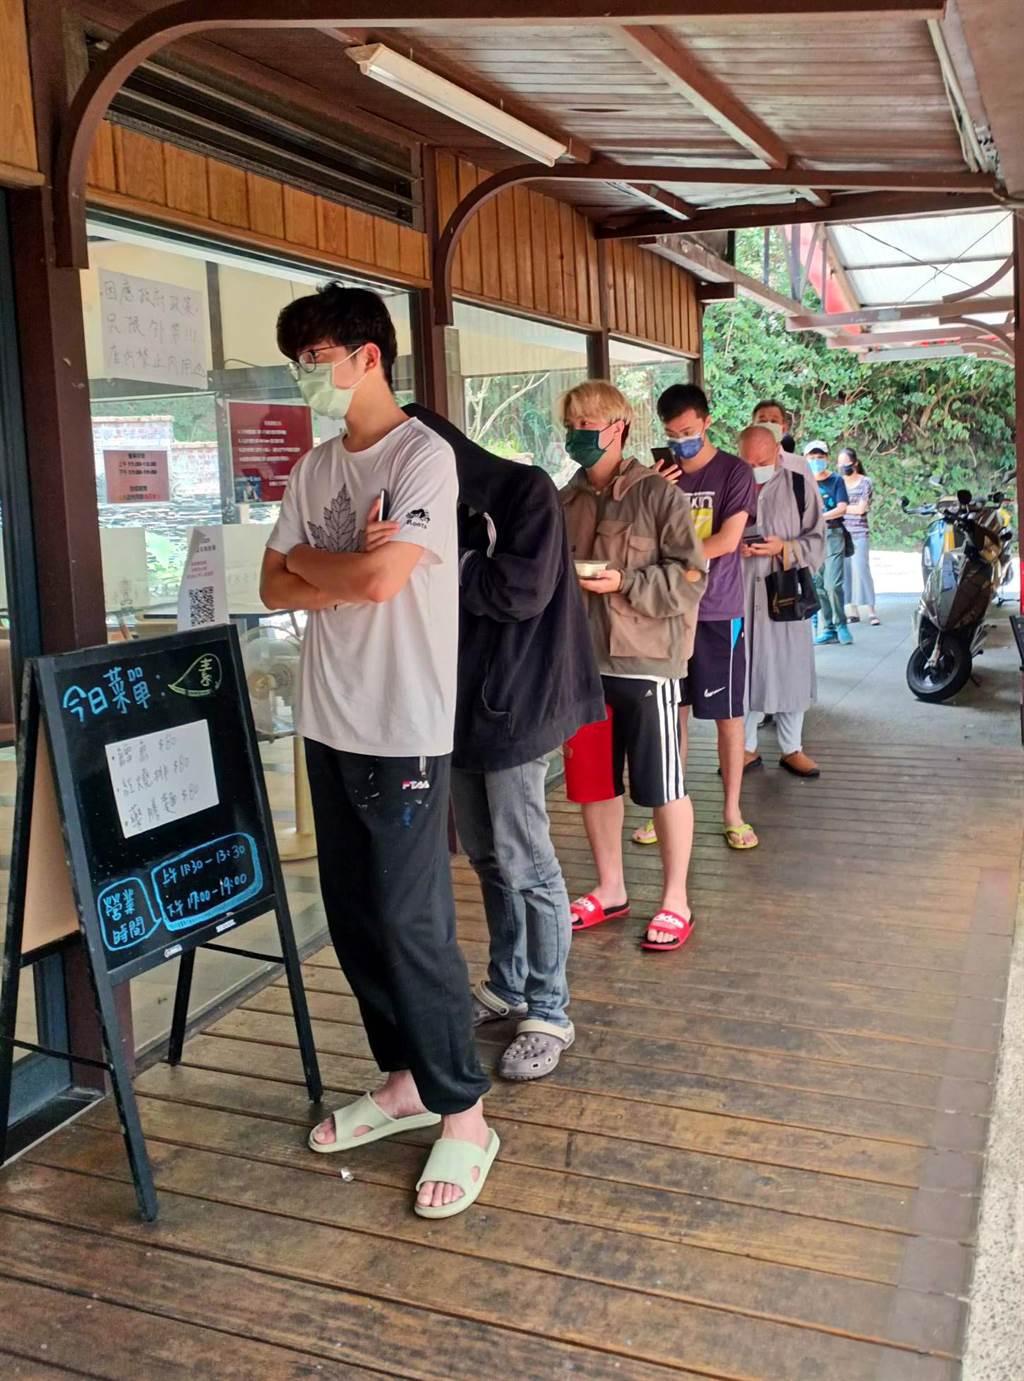 華梵大學免費午晚餐措施獲學生熱烈響應,用餐時間一到,餐廳門口即出現排隊人潮。(華梵大學提供)